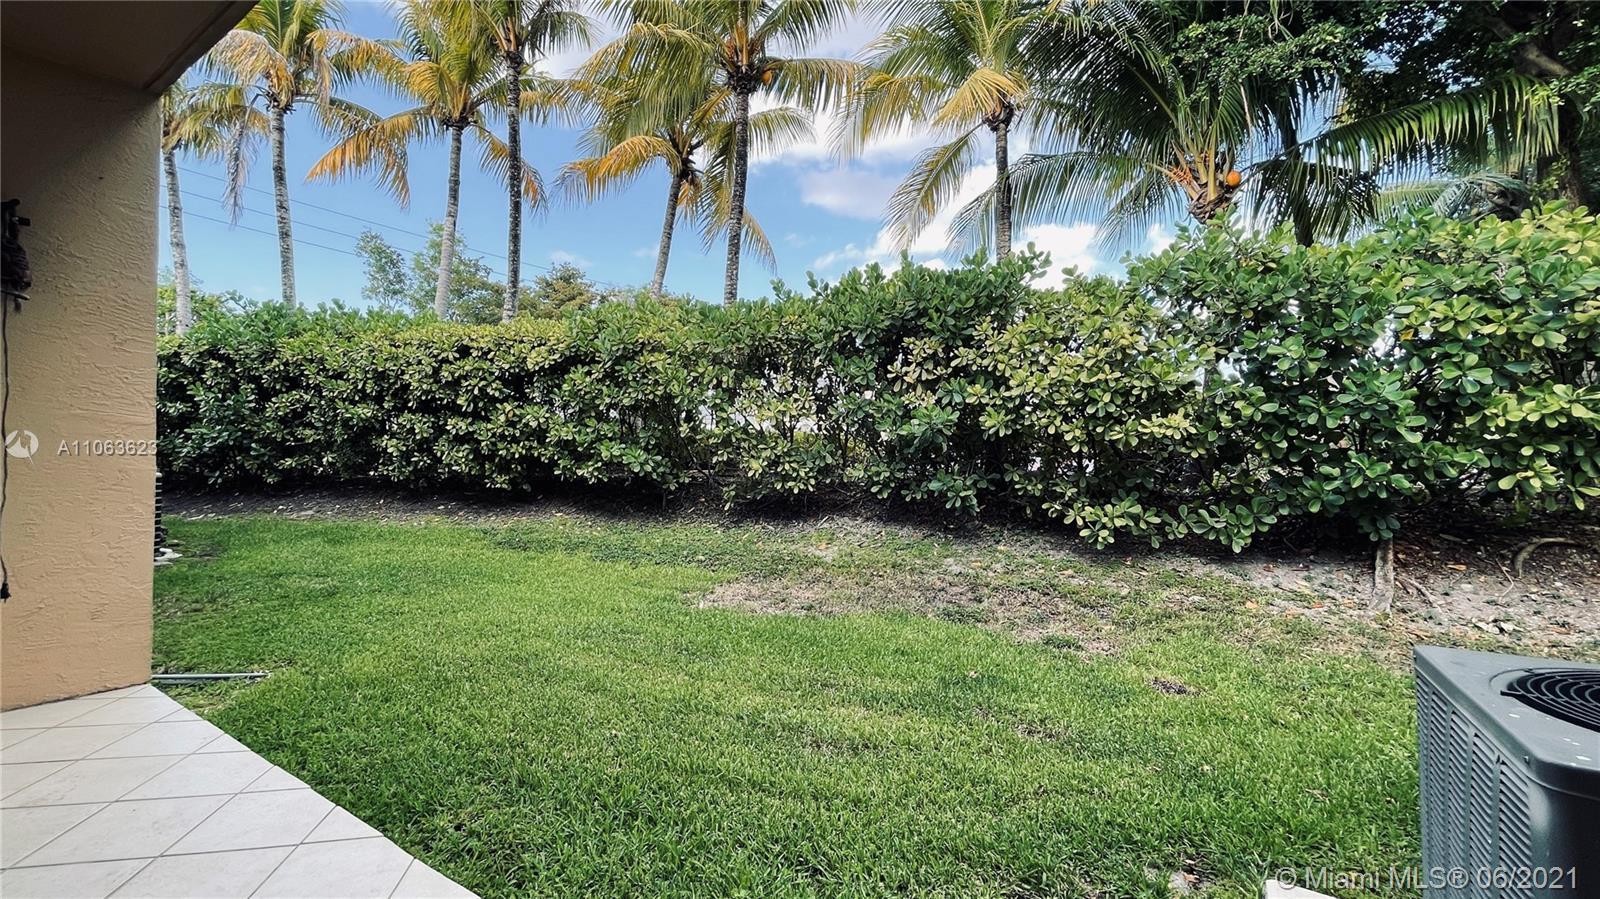 Miami Lakes #204 - 48 - photo